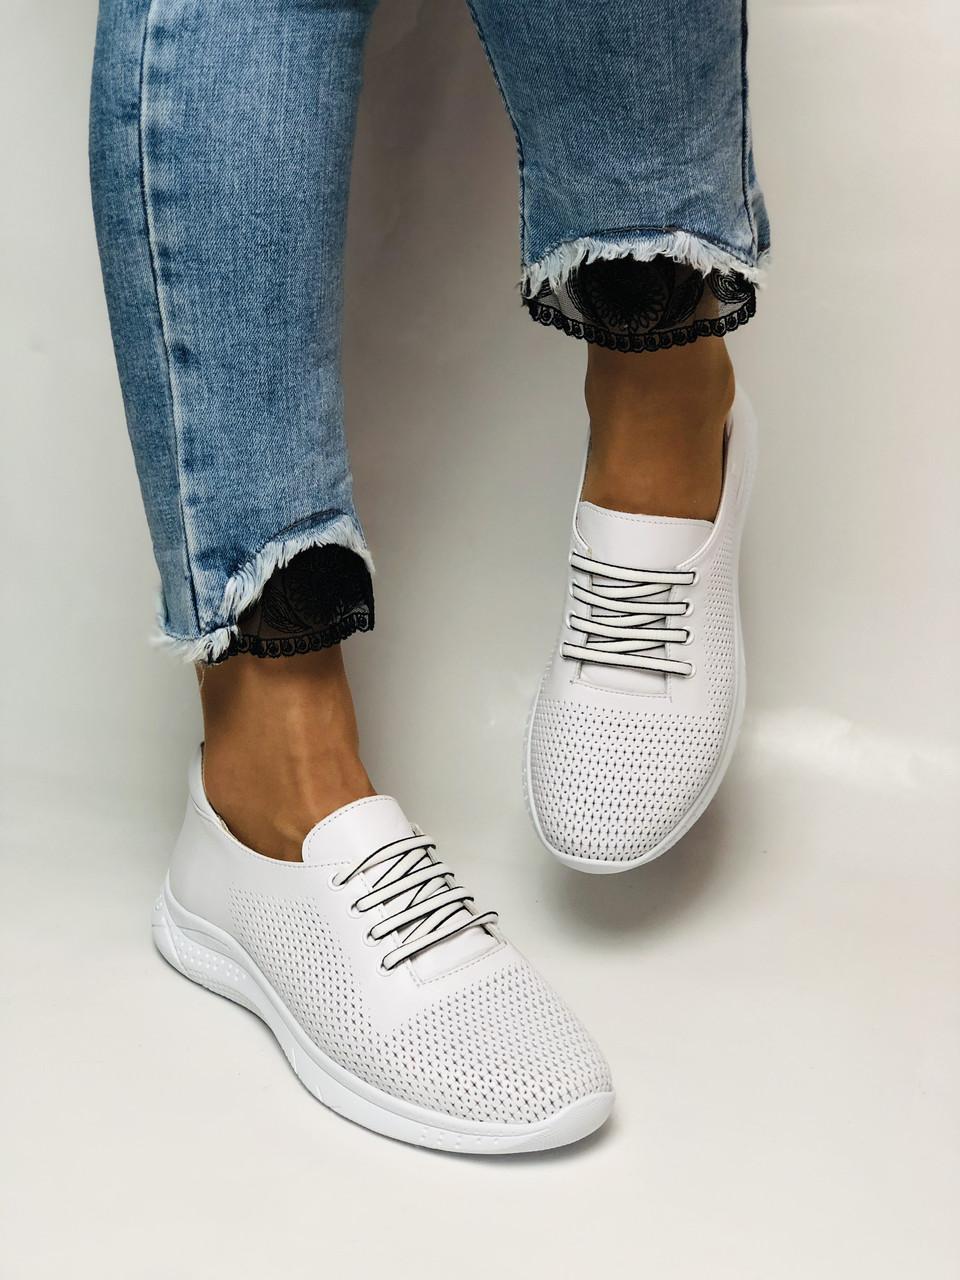 Жіночі білі кеди кросівки з перфорацією з натуральної шкіри 36-40. Супер комфорт